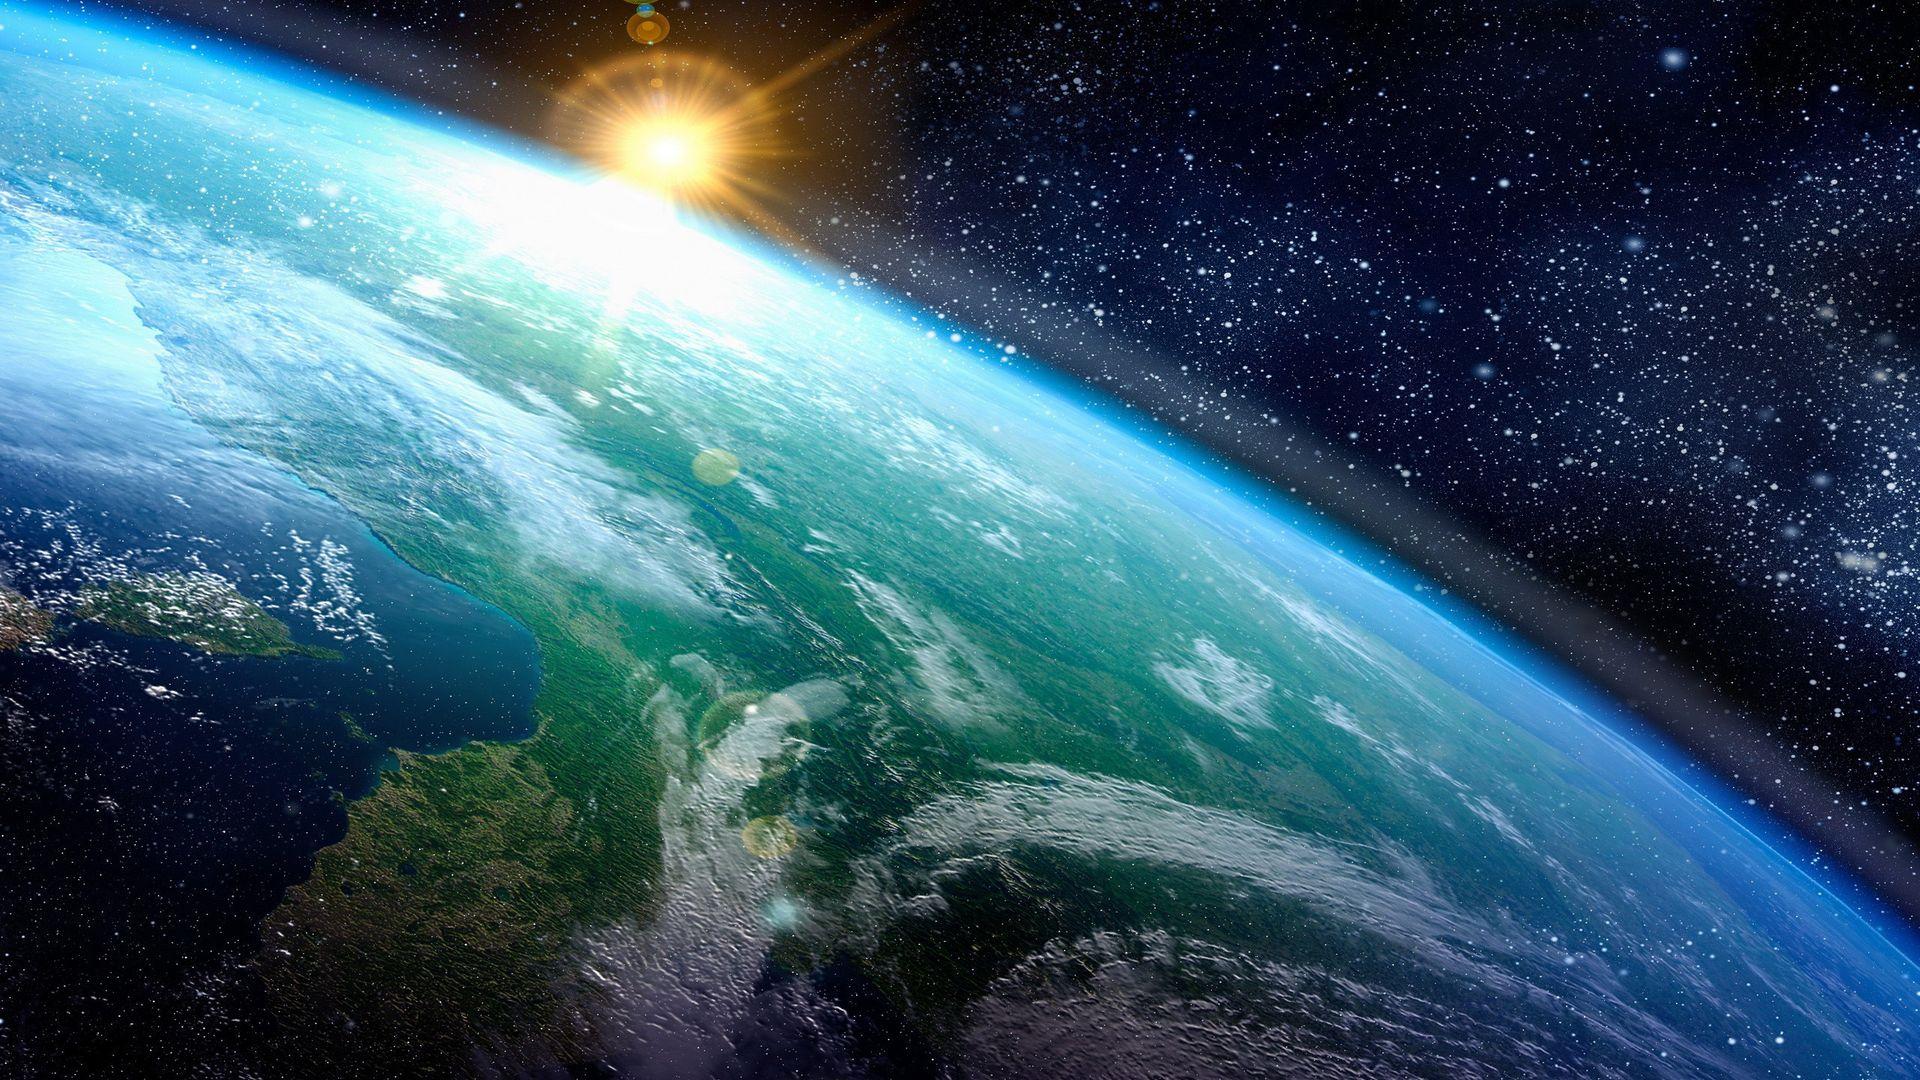 PV solaire: alimenter un avenir durable